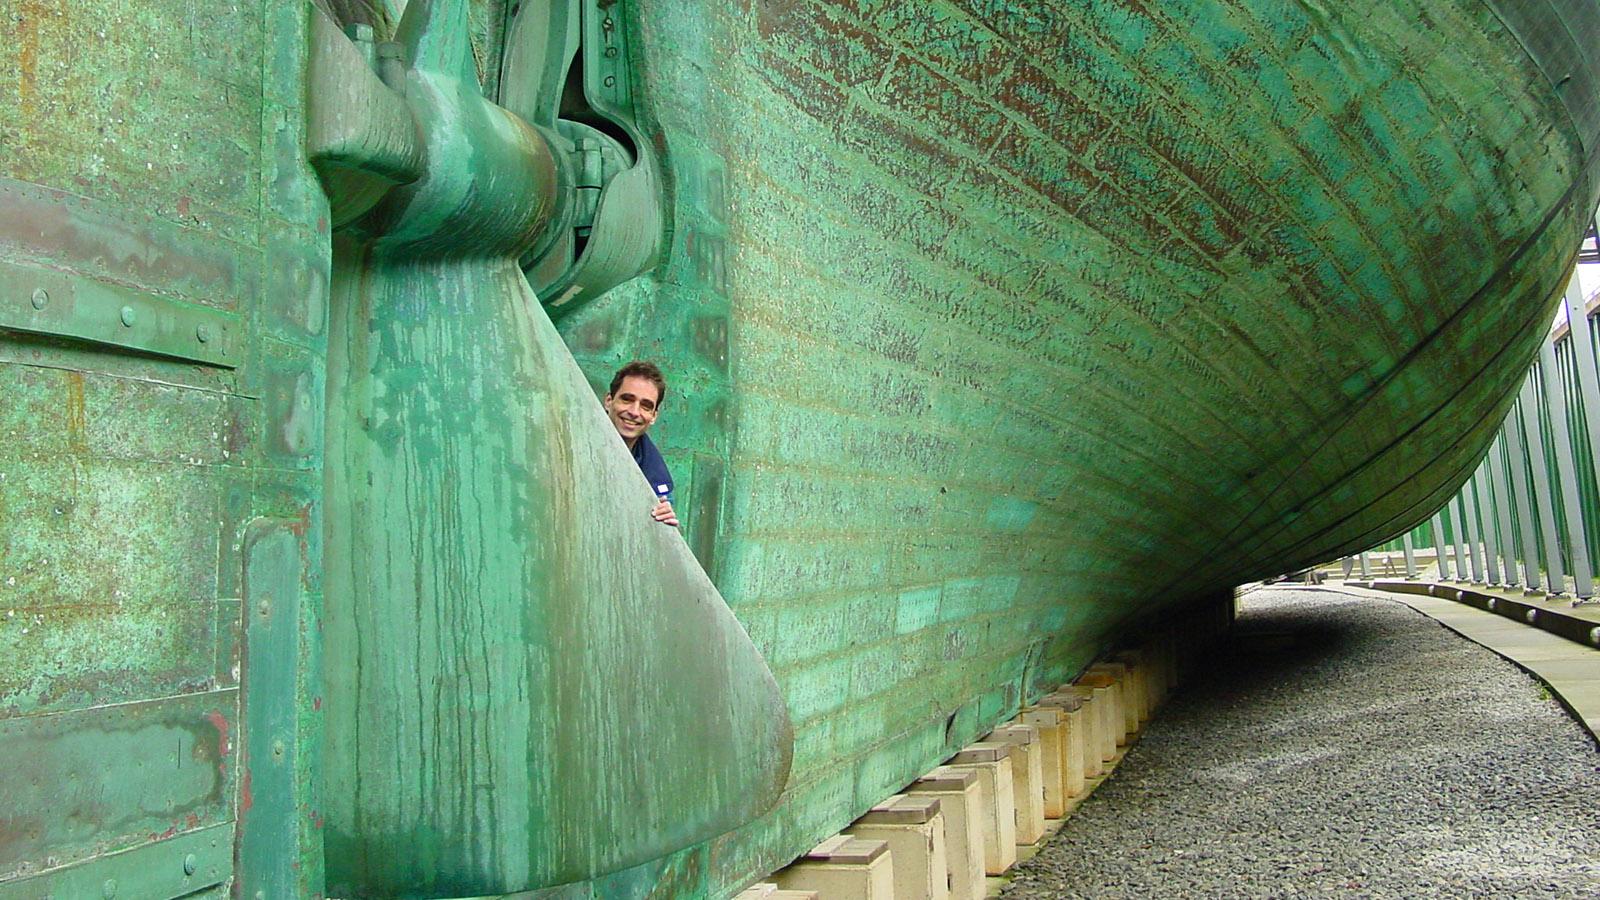 Djursland, Ebeltoft: Fregatte Jylland, mit 61 m der größte Holzsegler der Welt. Hier:die Schiffsschraube, die zum Segeln hochgezogen werden konnte. Foto: Hilke Maunder